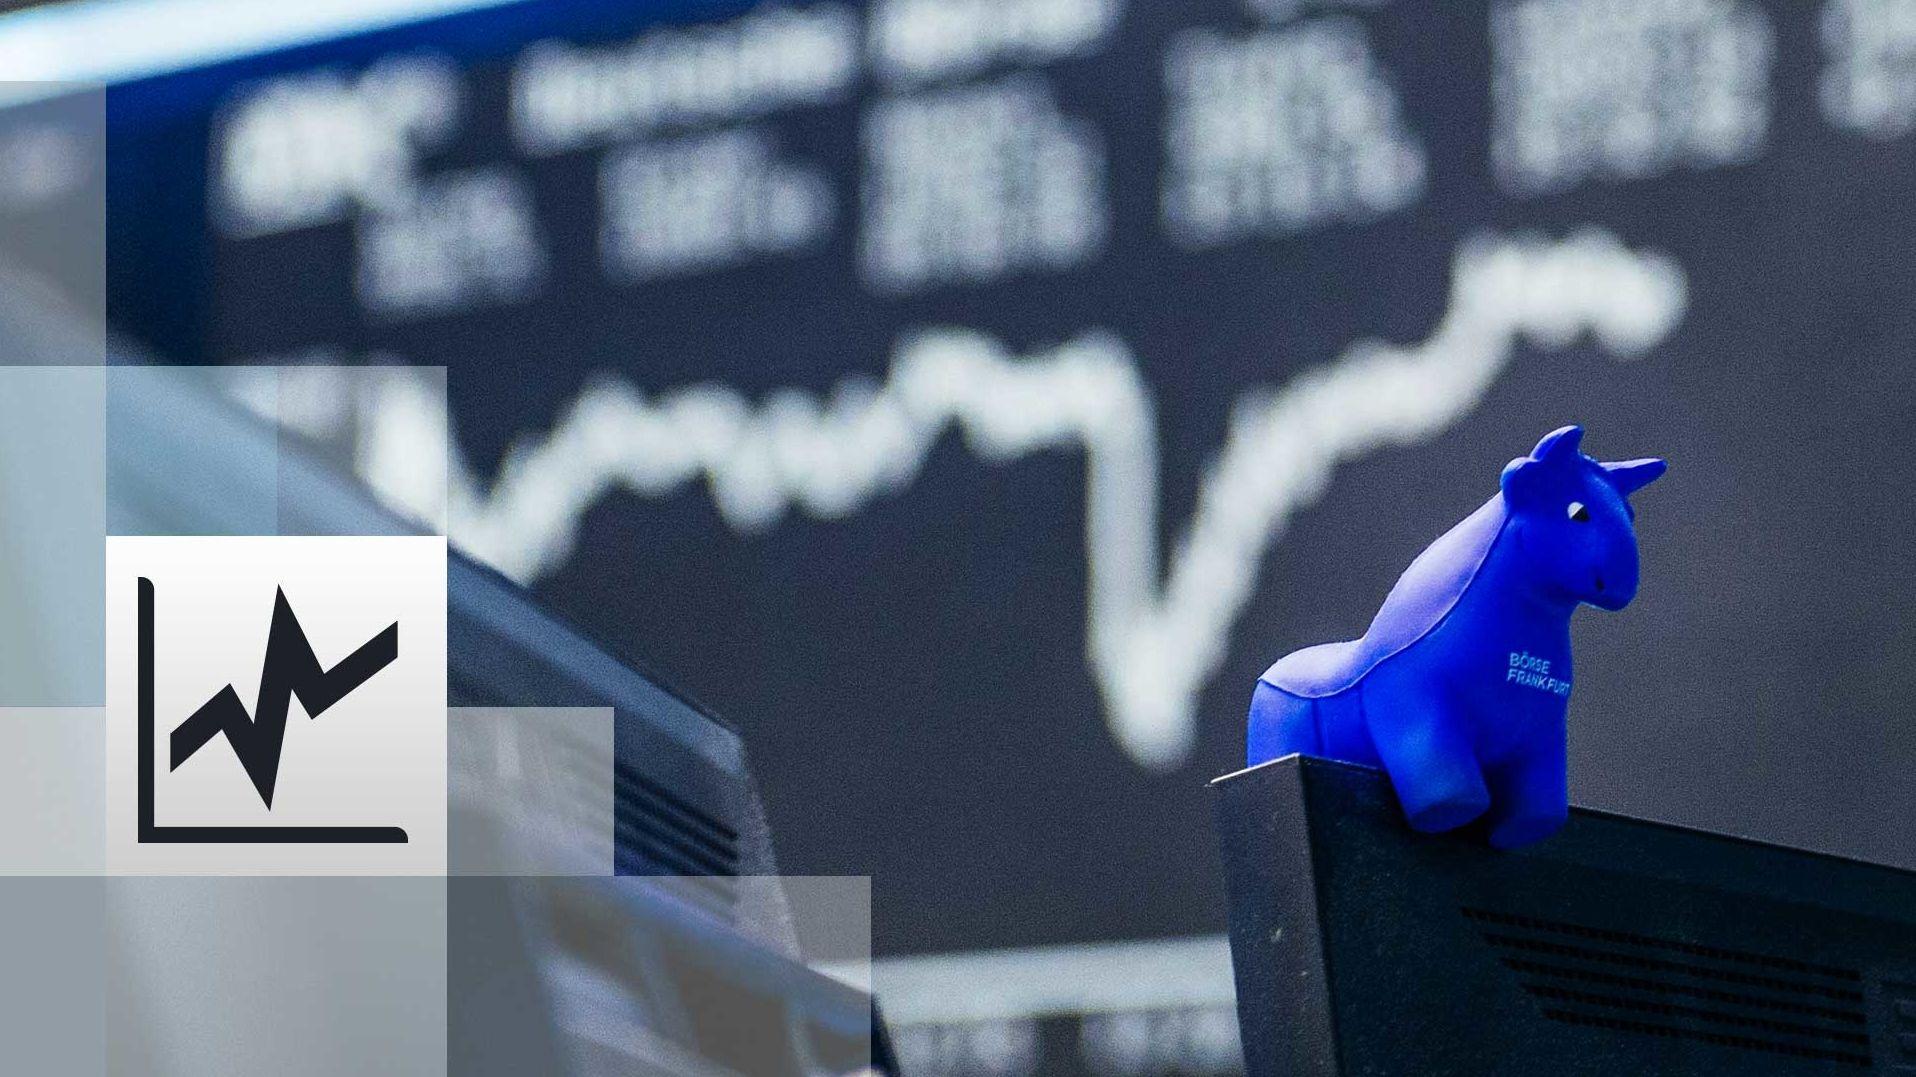 in blauer Stier aus Gummi sitzt auf der oberen Kante eines Bildschirmes, im Hintergrund die Kurstafel der Börse